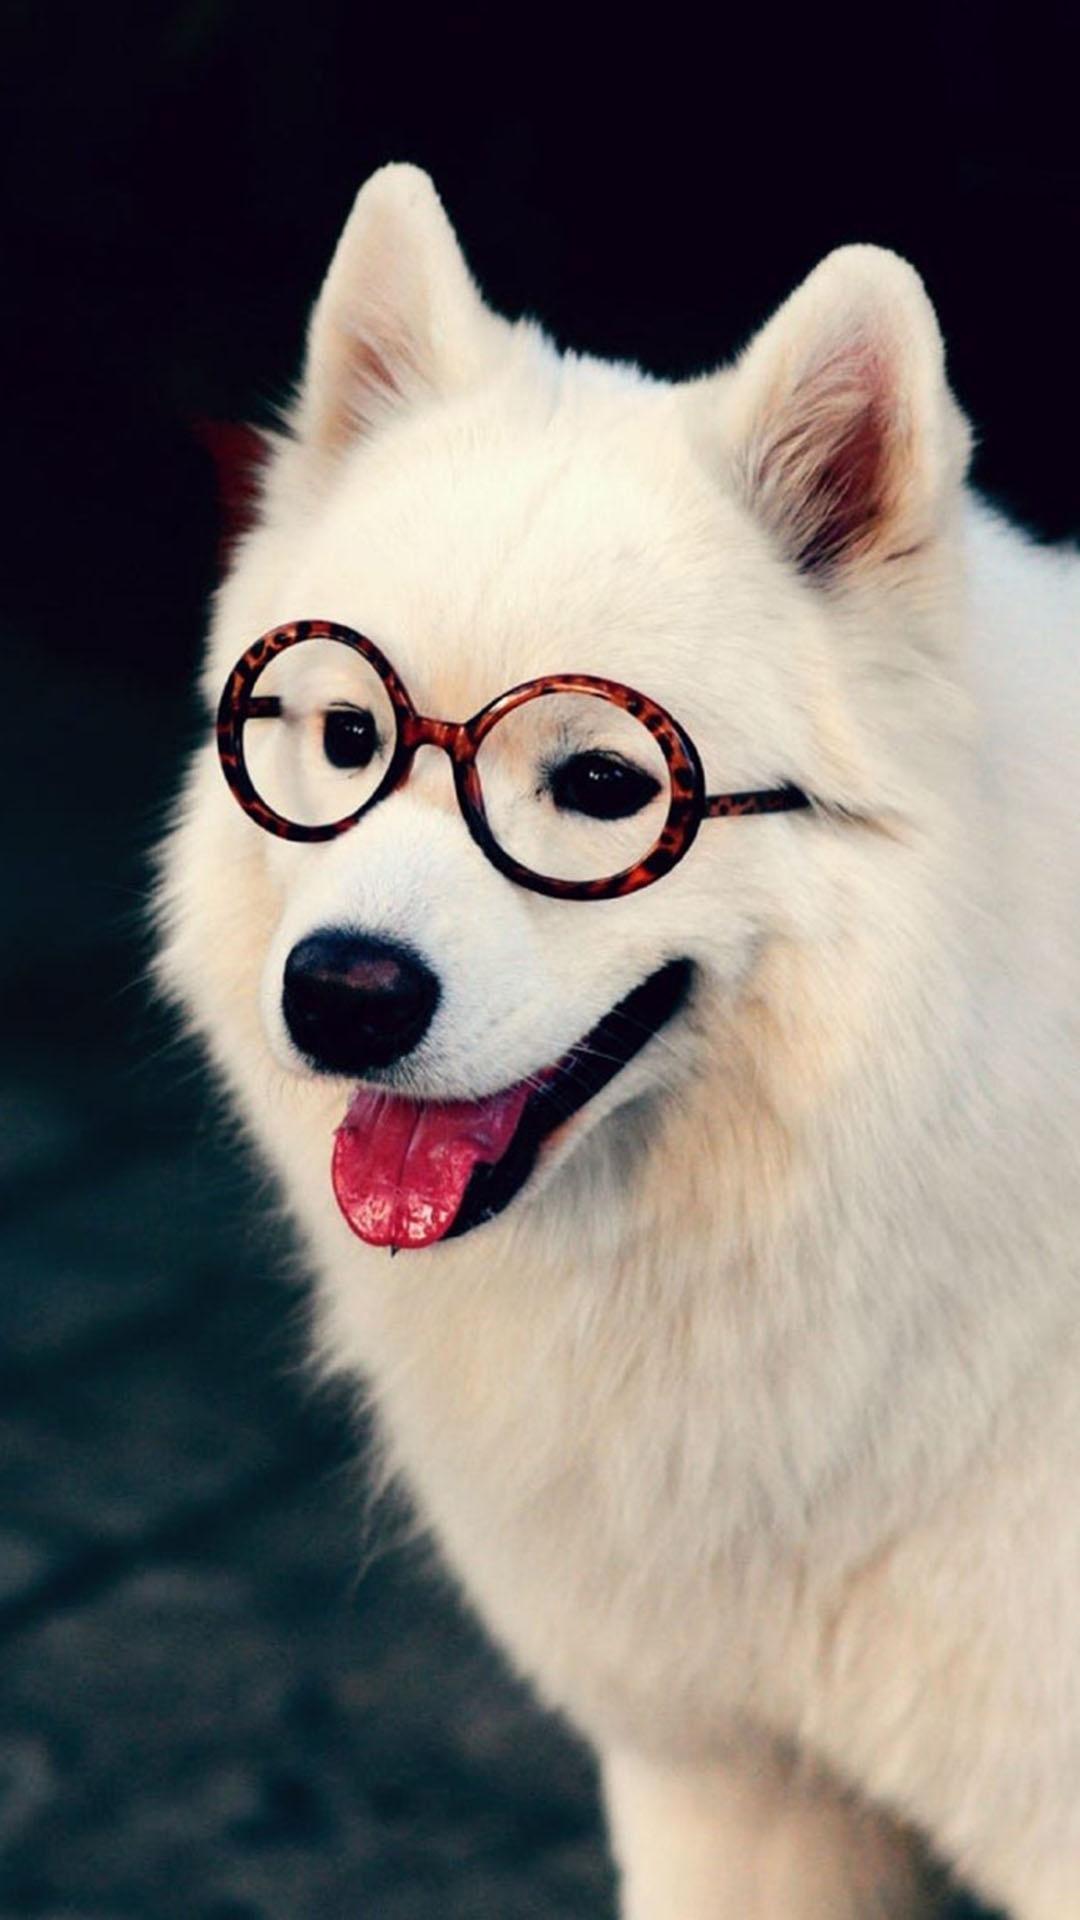 萨摩耶 动物 可爱 狗狗 苹果手机高清壁纸 1080x1920